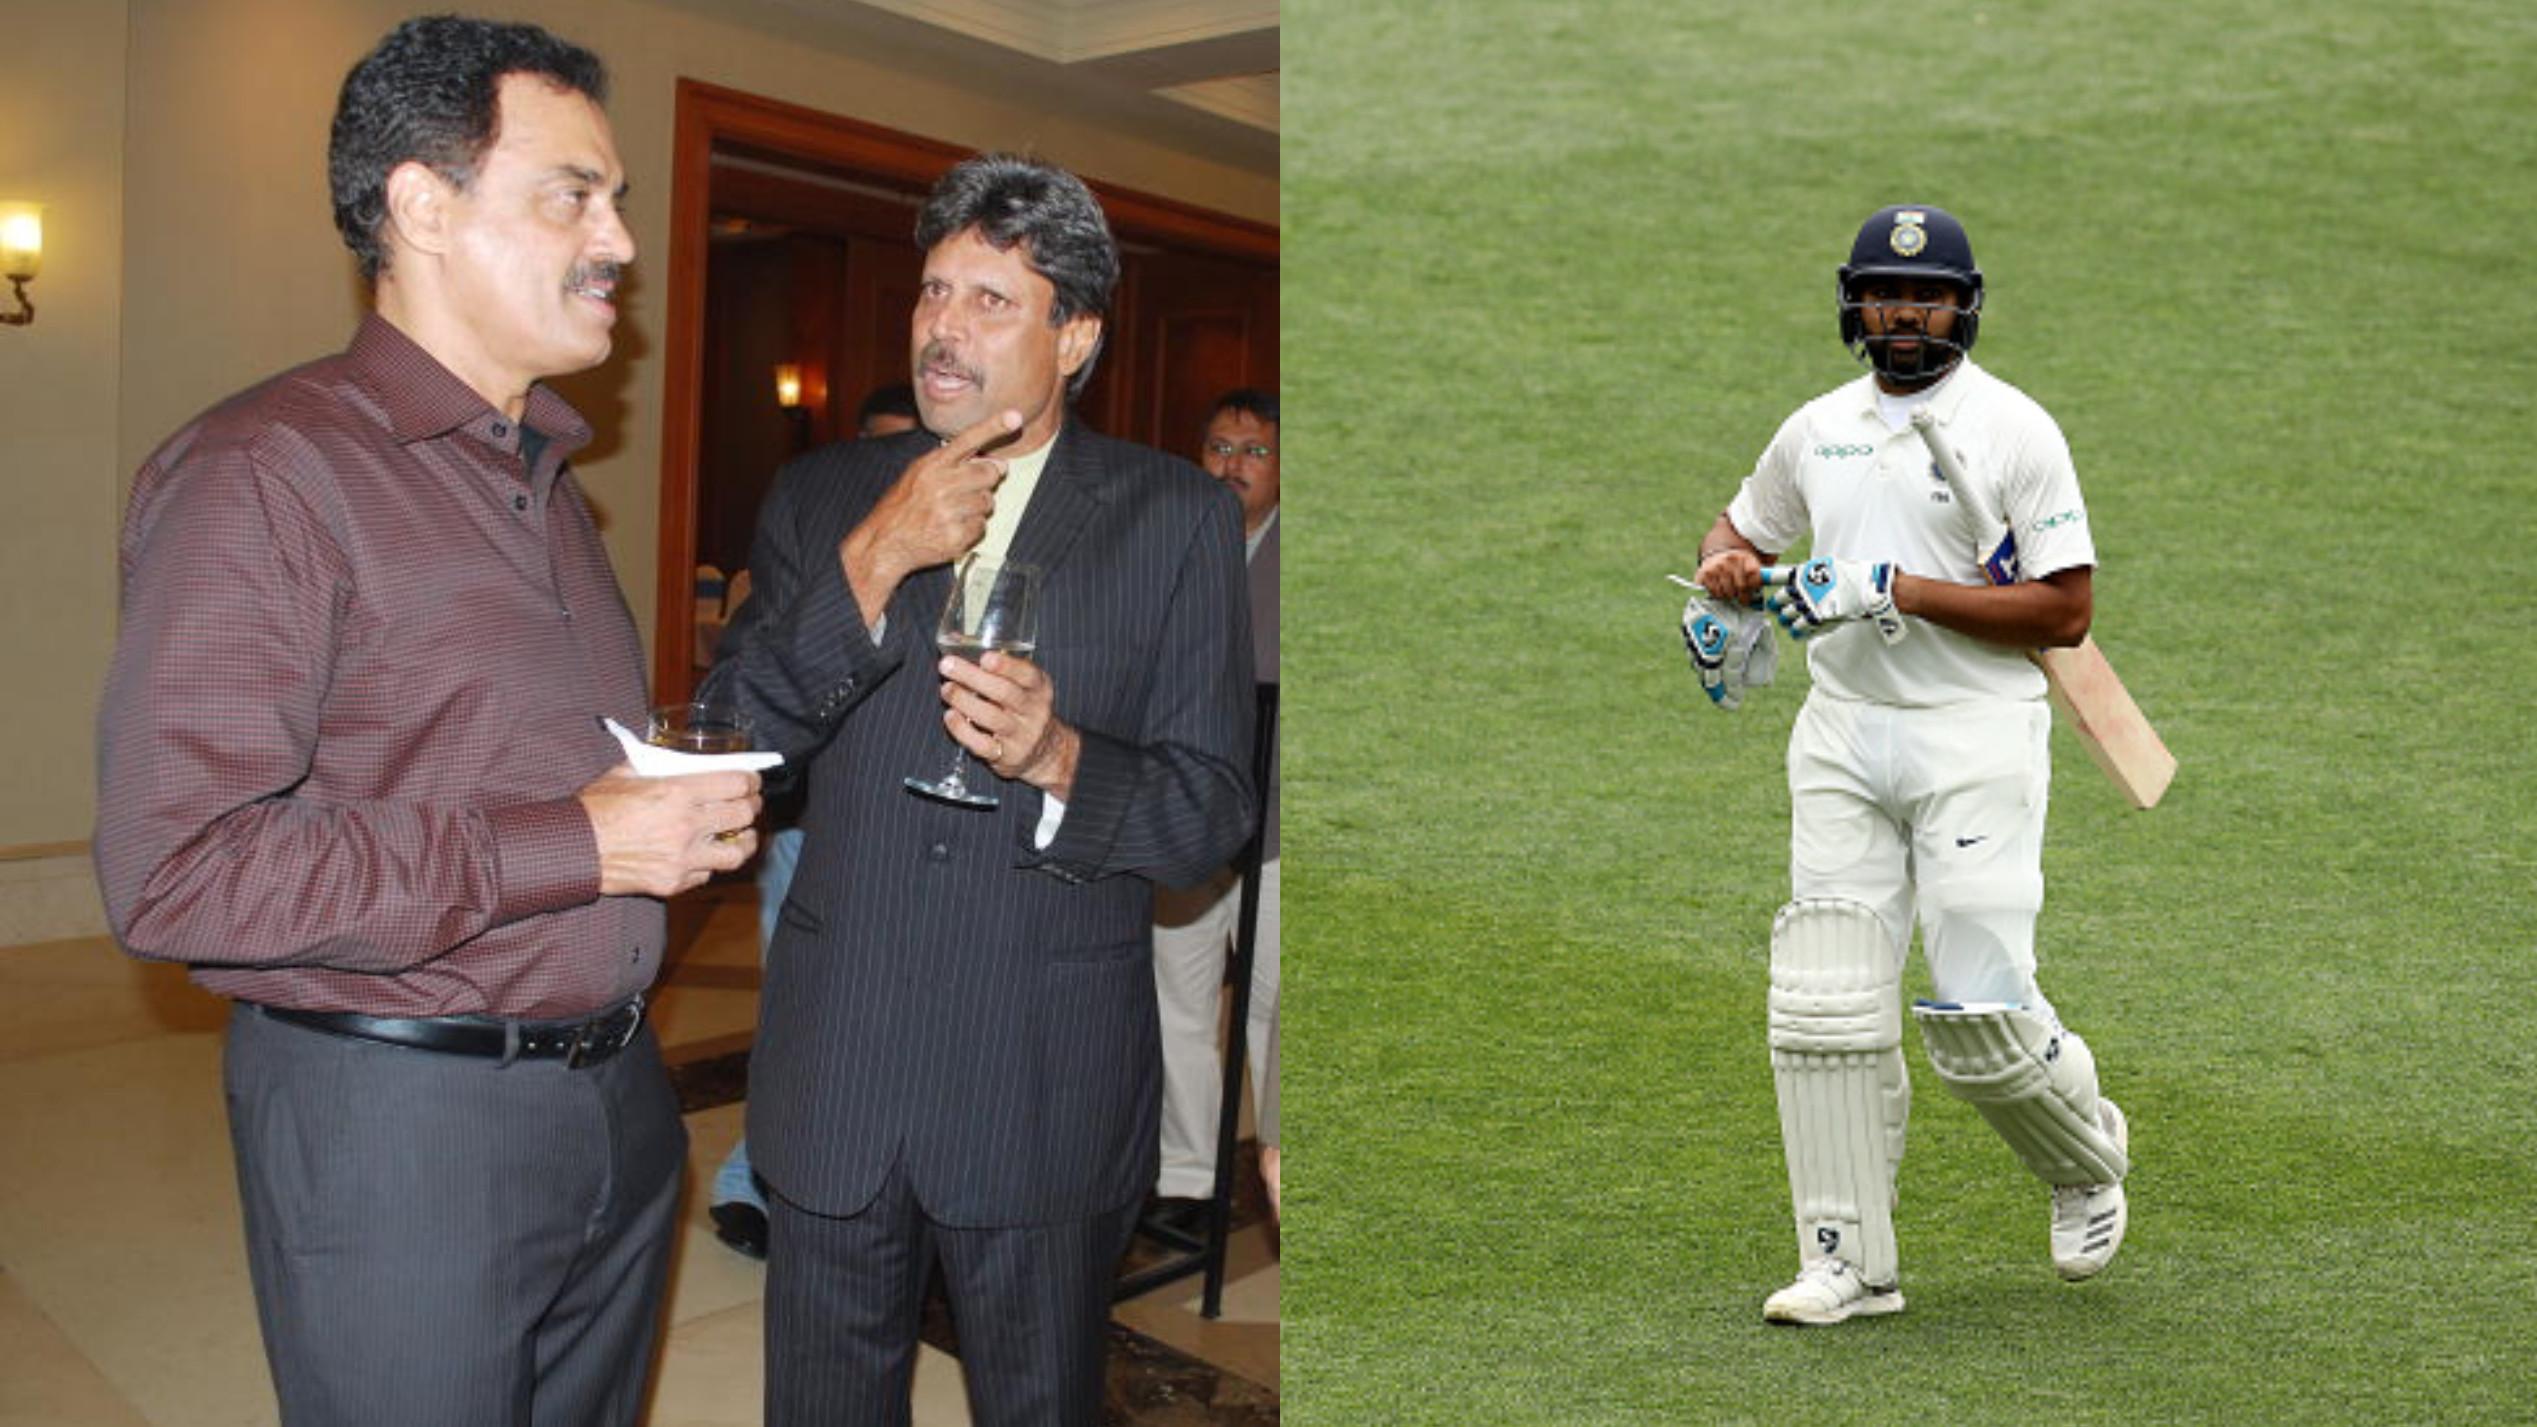 AUS v IND 2018-19 : कपिल देव और दिलीप वेंगसरकर के अनुसार रोहित शर्मा का टेस्ट क्रिकेट में हो सकता हैं पुनरुत्थान